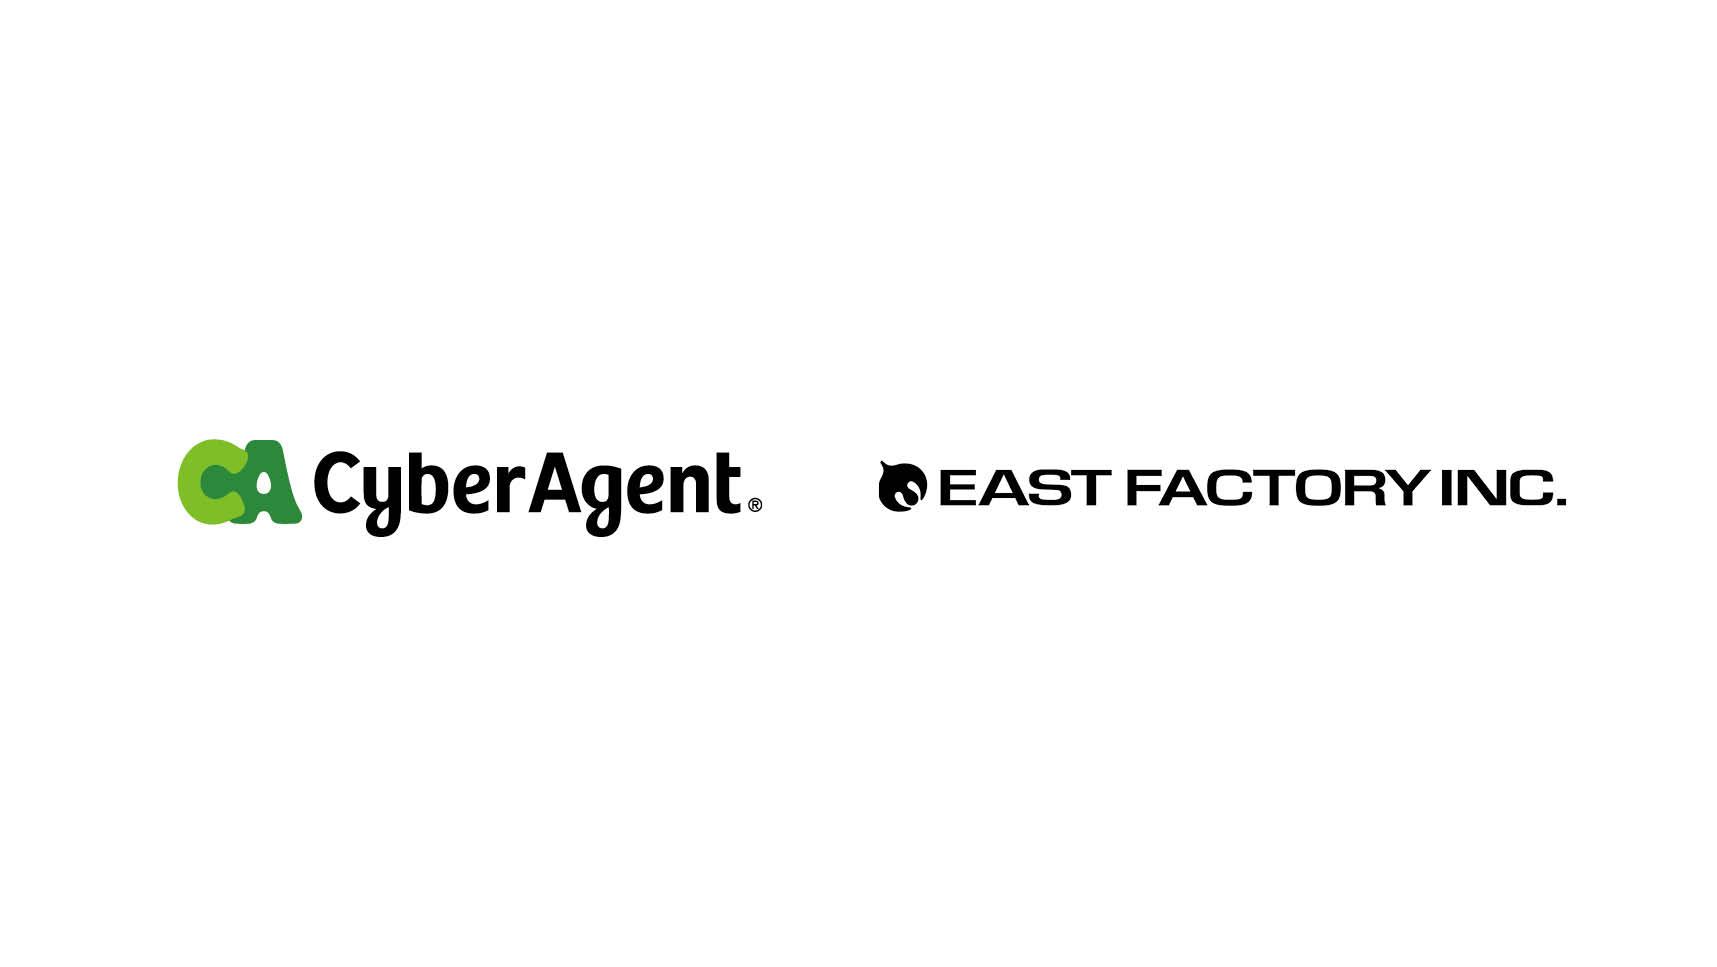 サイバーエージェント社と共同で、タレントのYouTubeチャンネル開設における 企画・開発支援サービスを開始